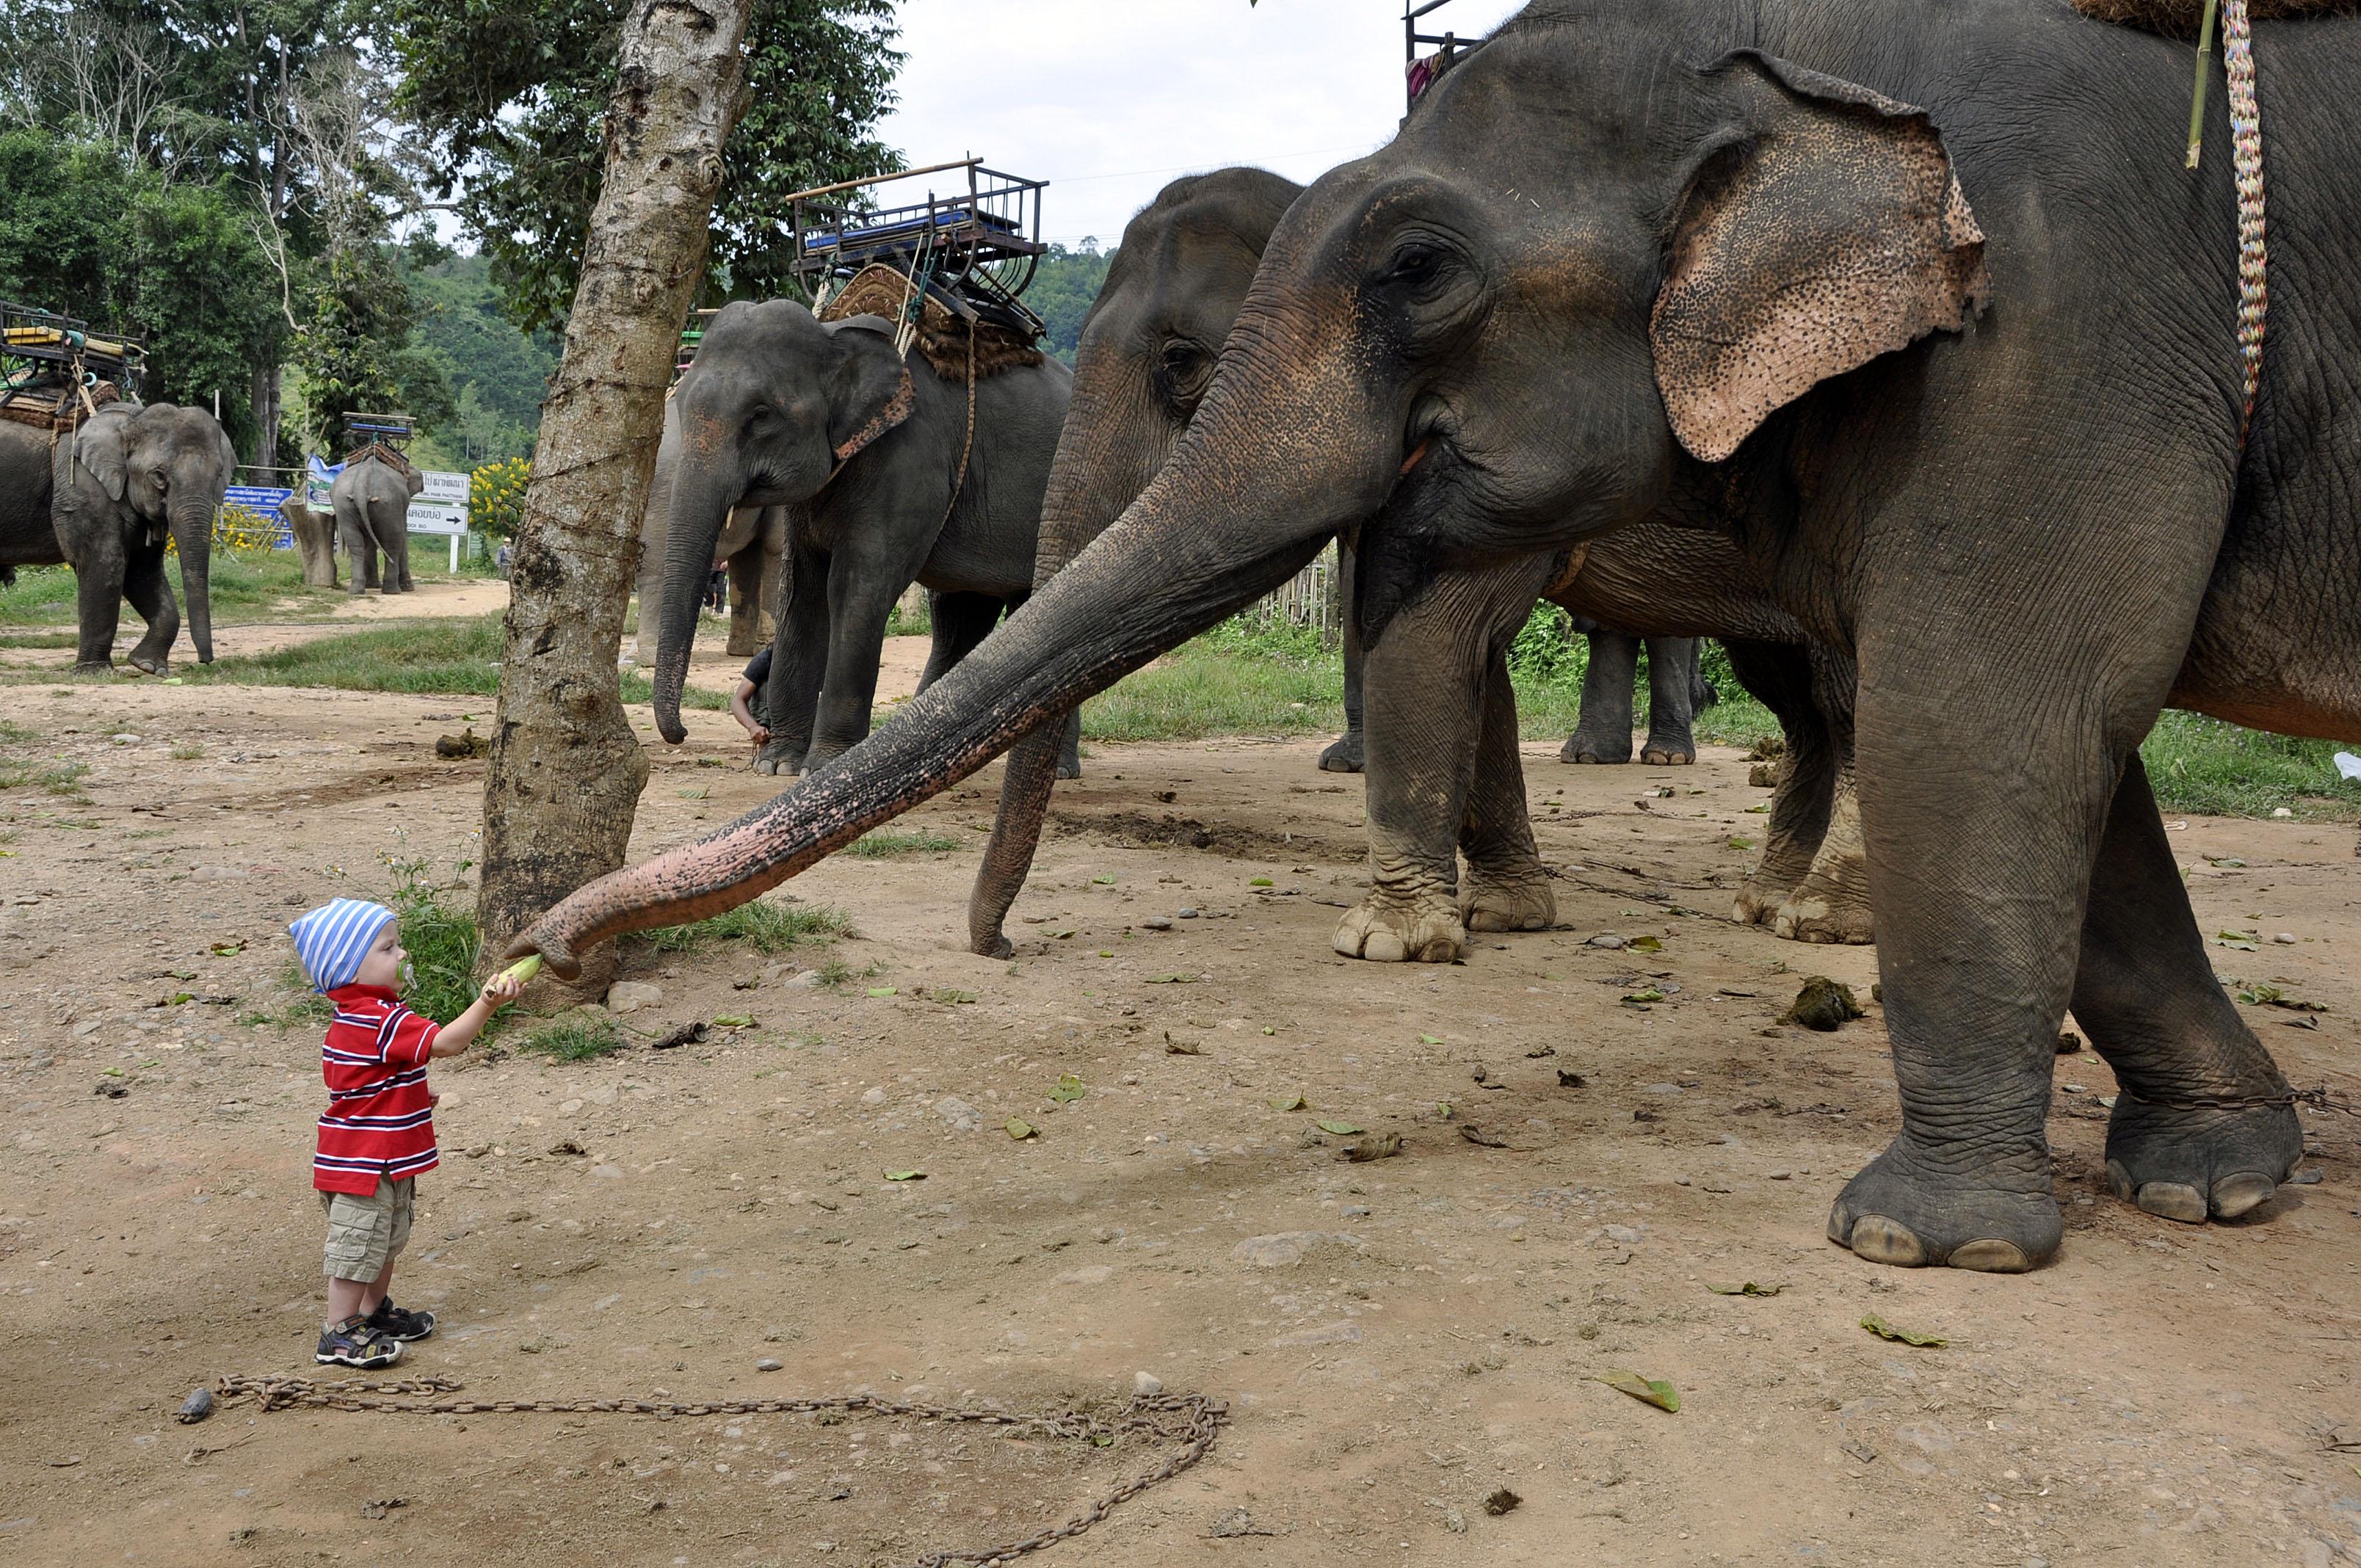 odważnie nakarmił słonika bananem